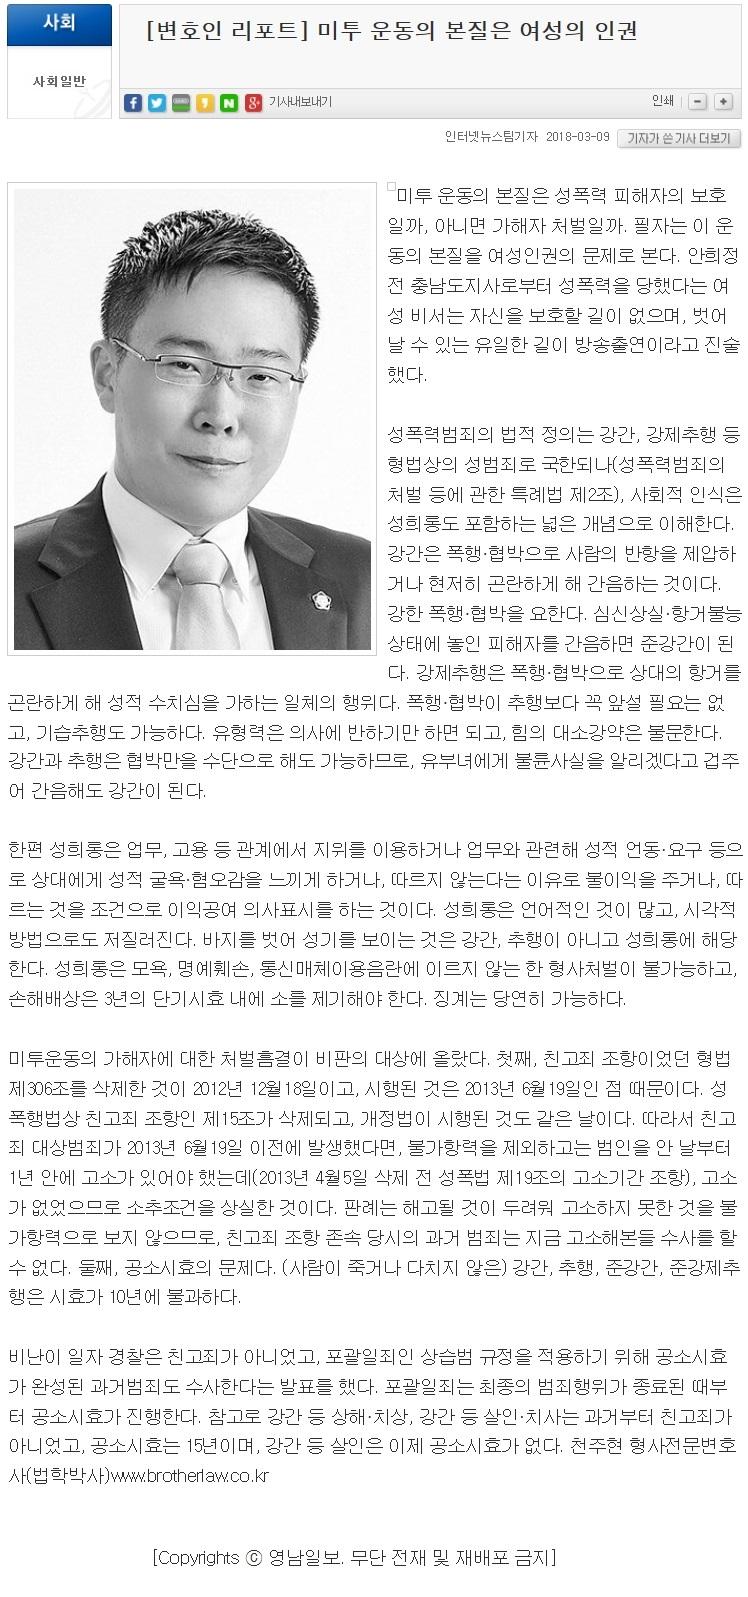 180309-영남일보기사본문.jpg